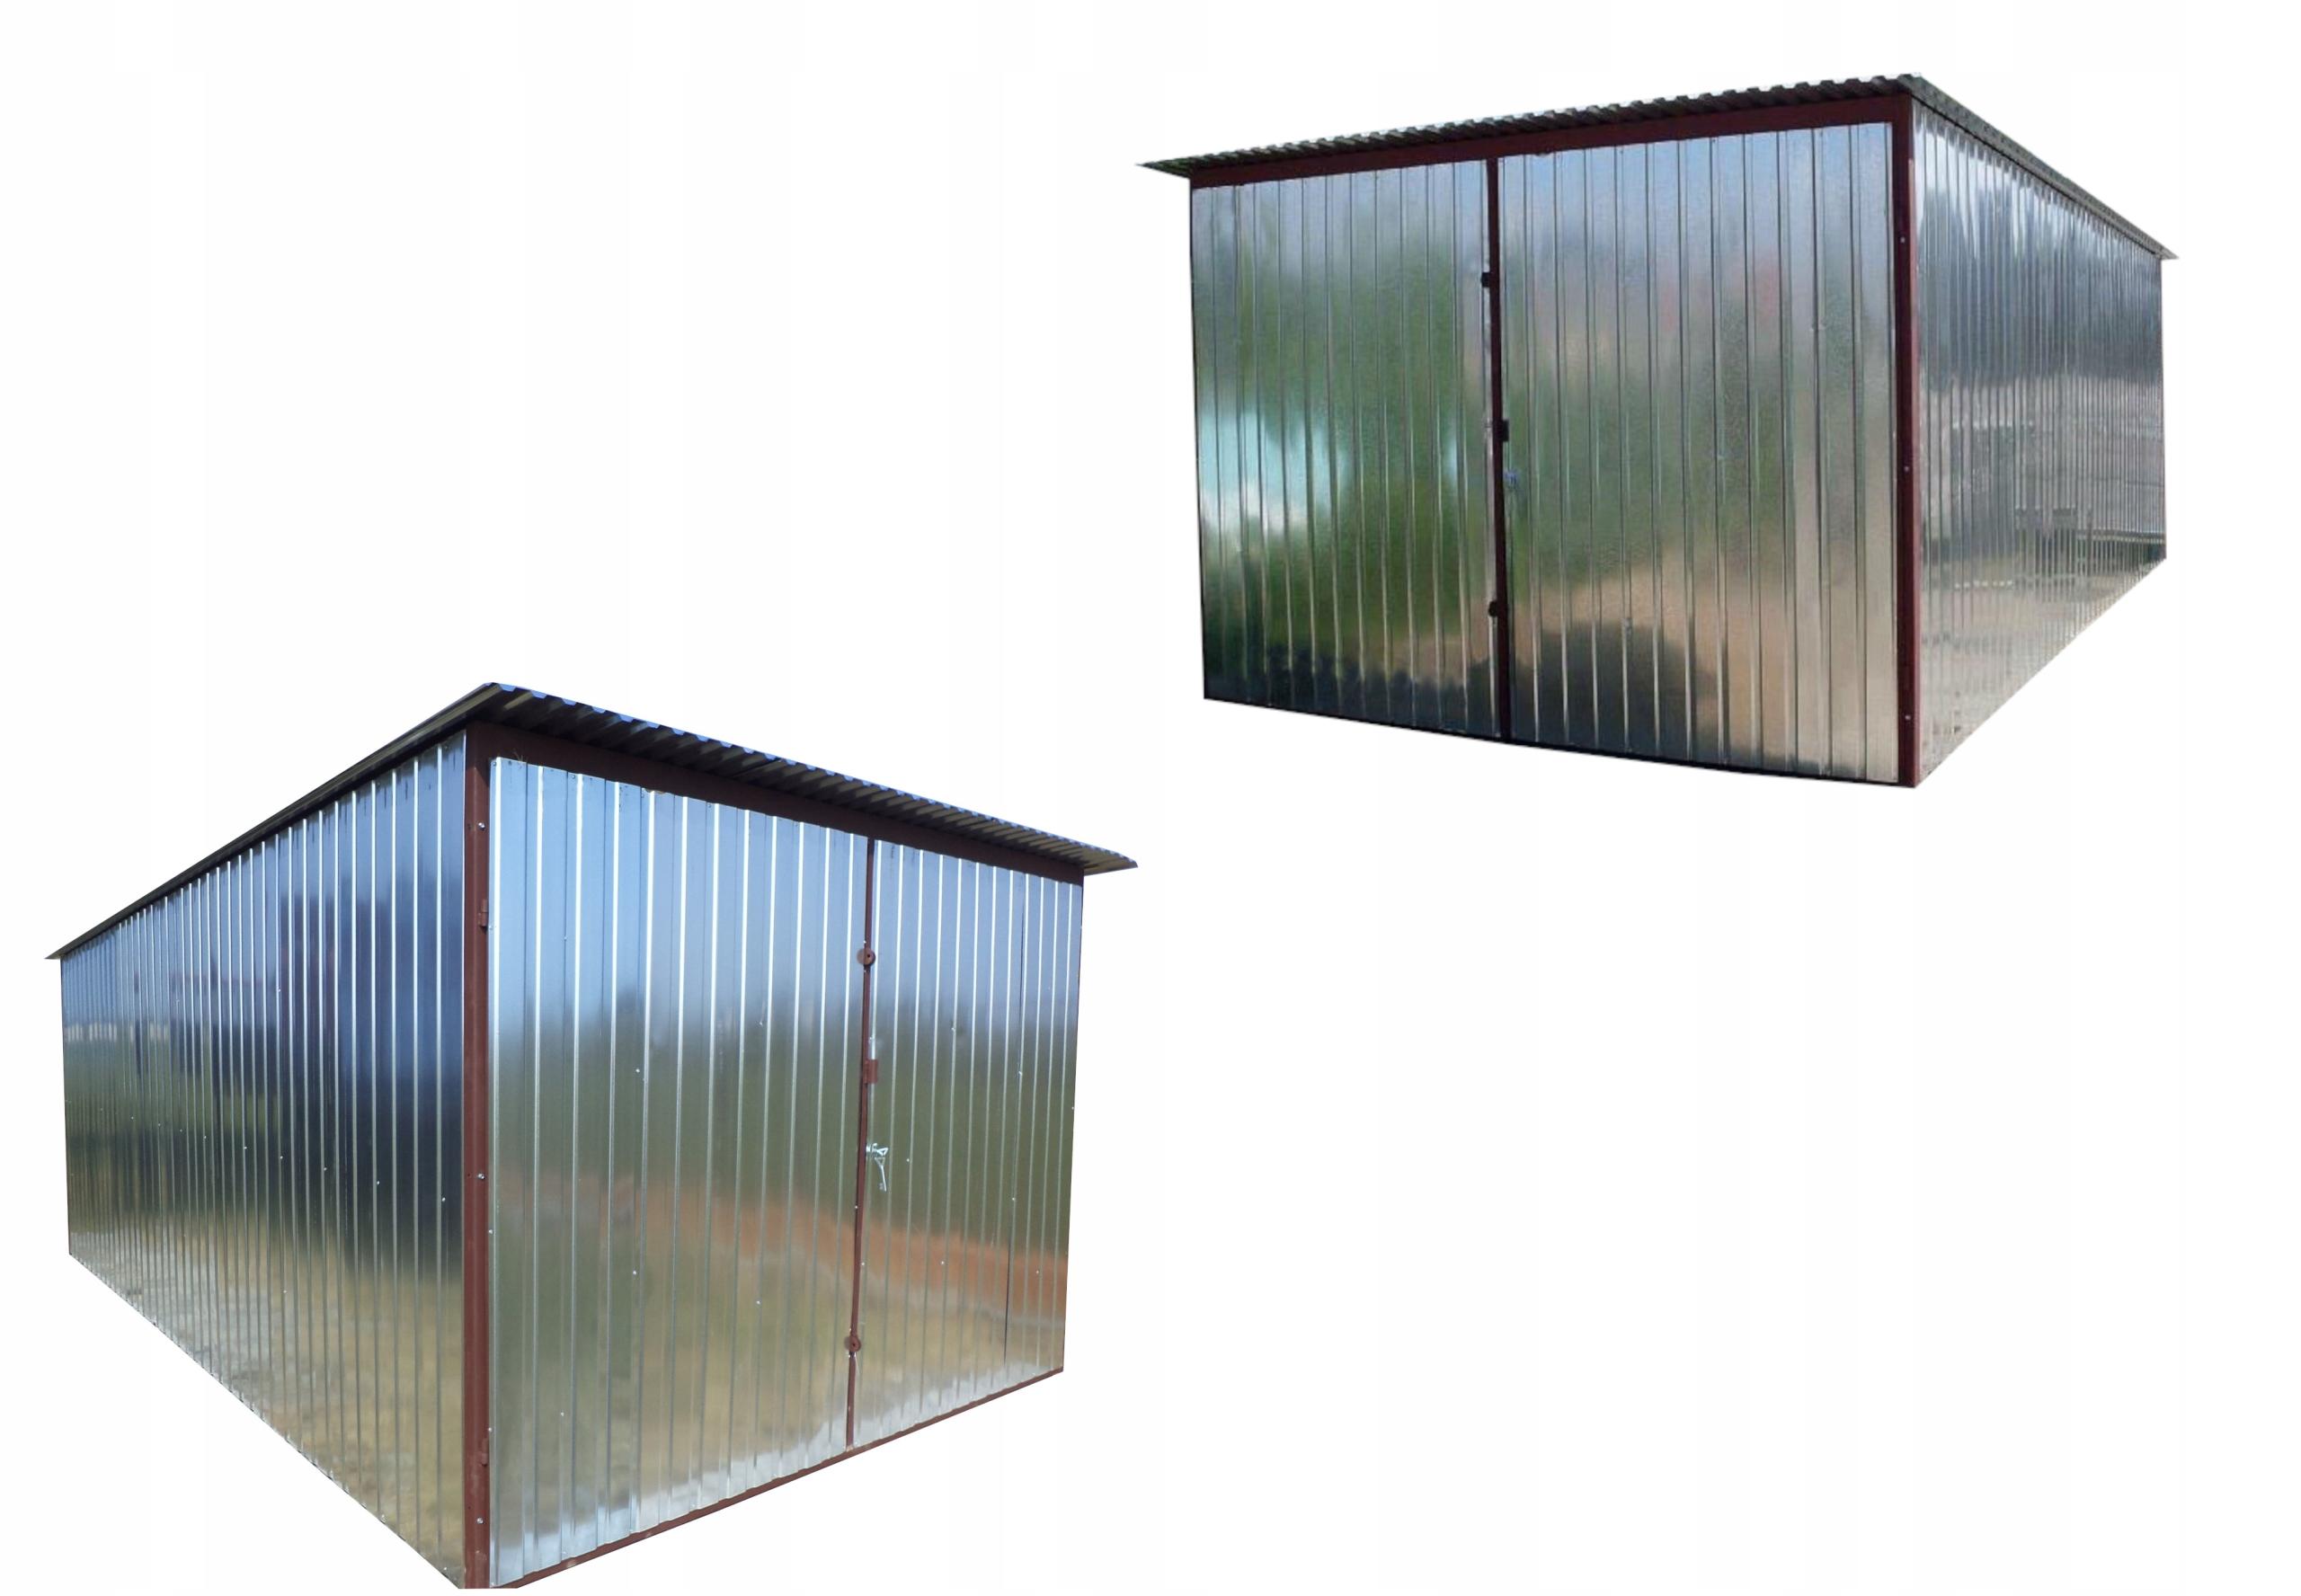 жесть гараж железный Гаражи 3х5 3x6 4х6 6x5 6x6